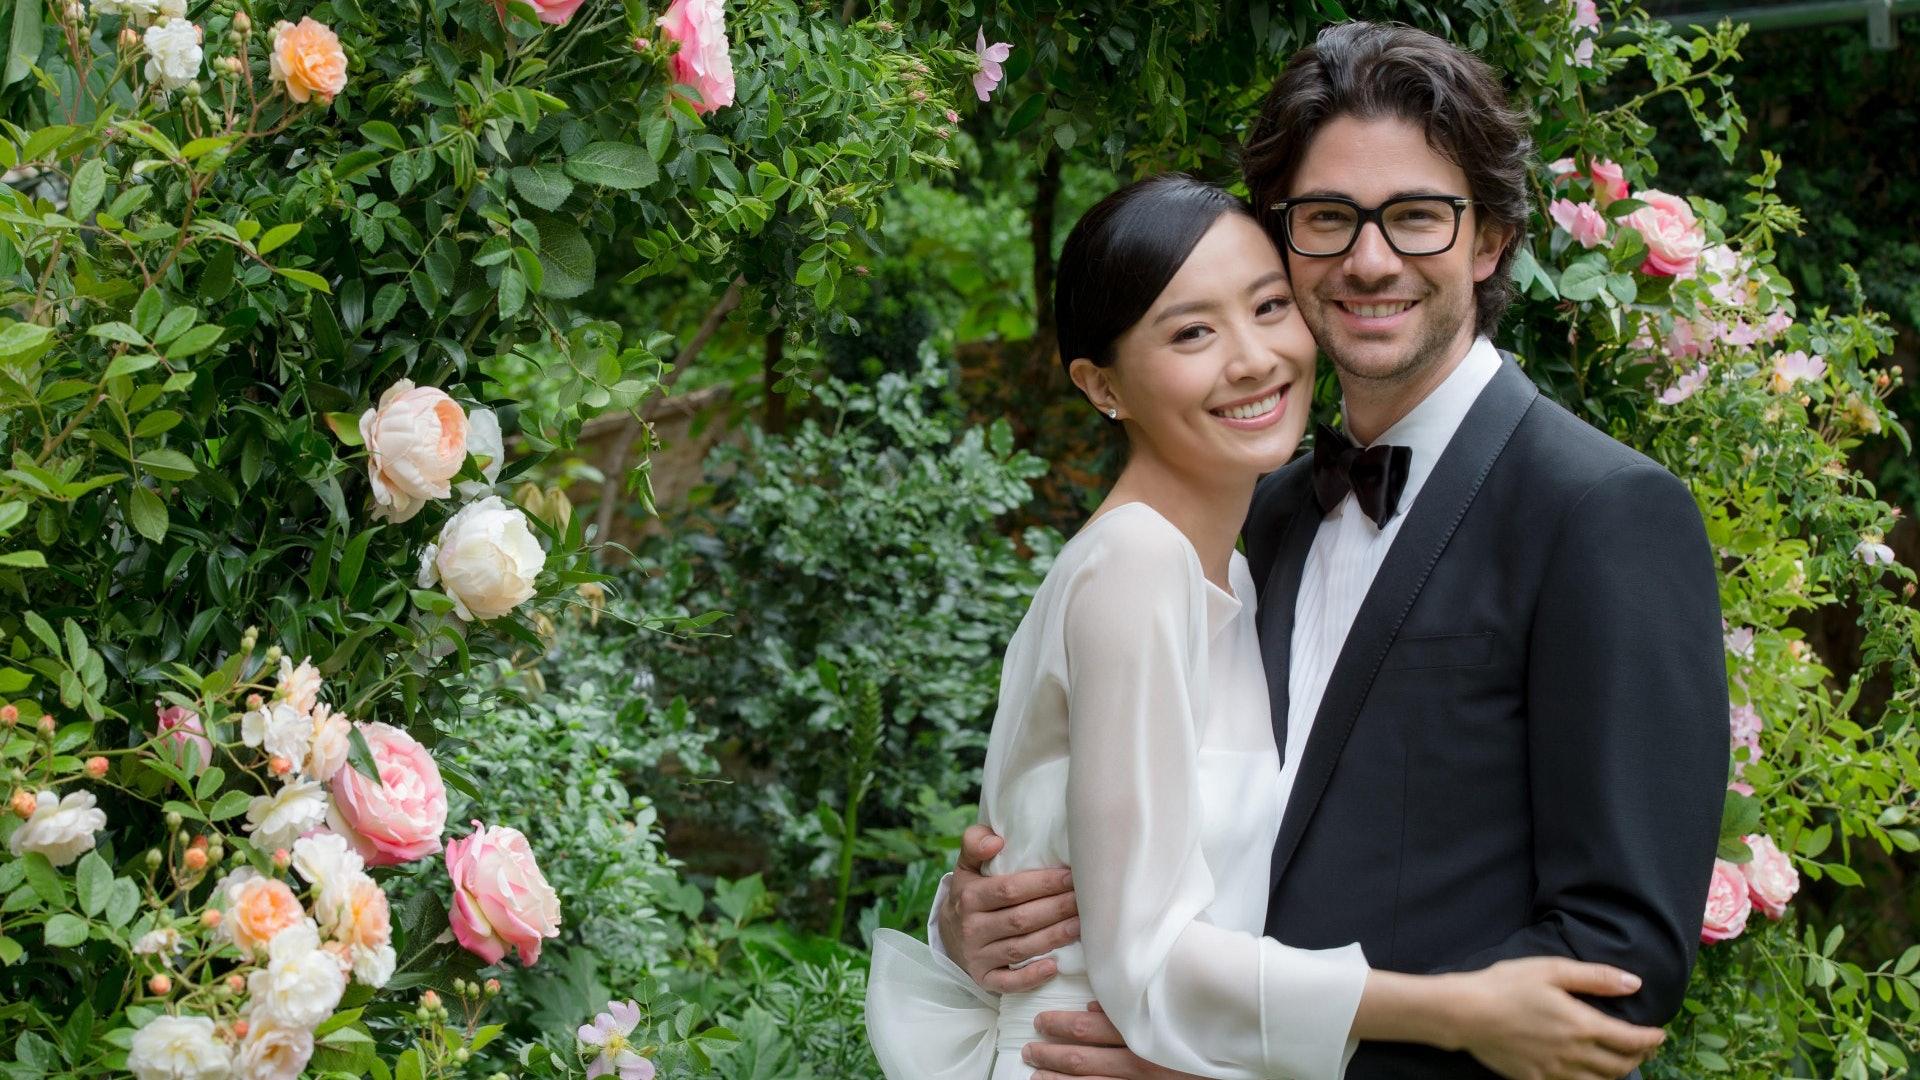 陳法拉去年5月公布與法藉男友結婚